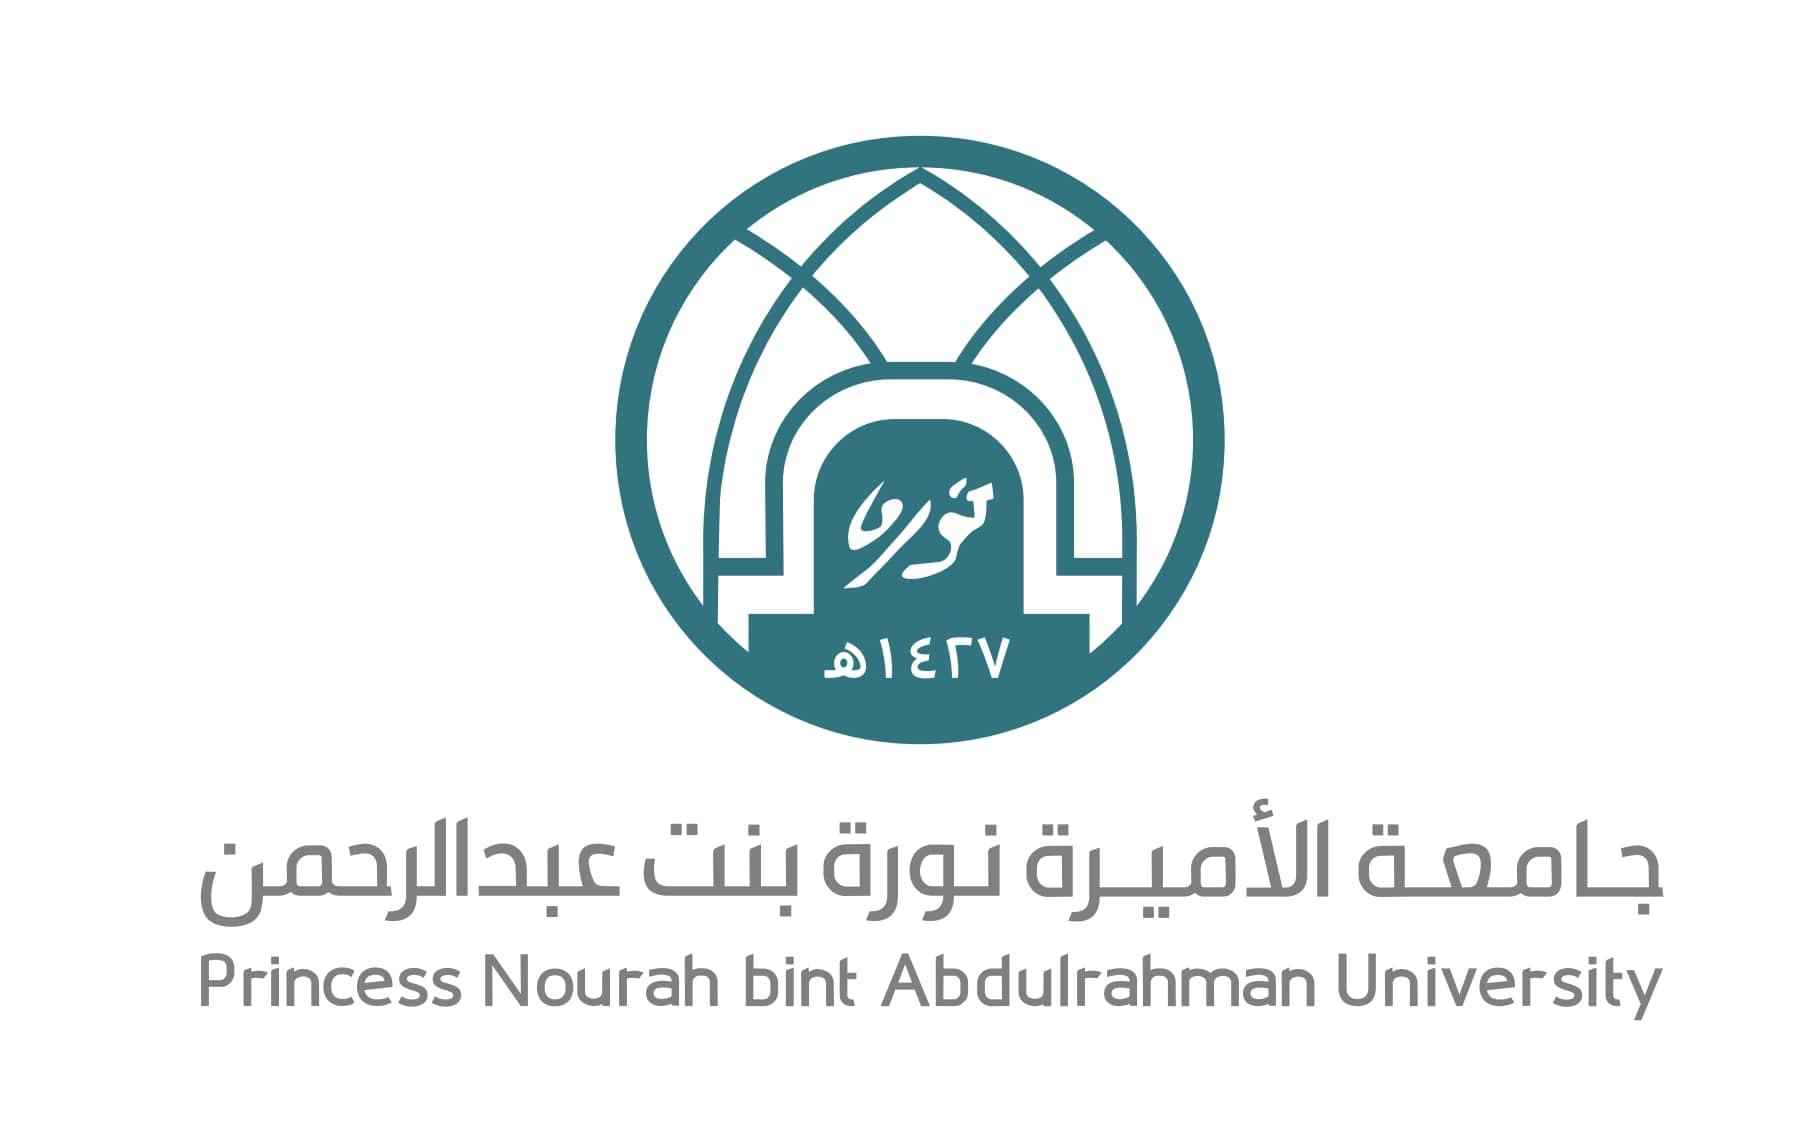 جامعة الأميرة نورة تعلن فتح باب القبول ببرامج الدبلوم للفصل الثاني 1442هـ